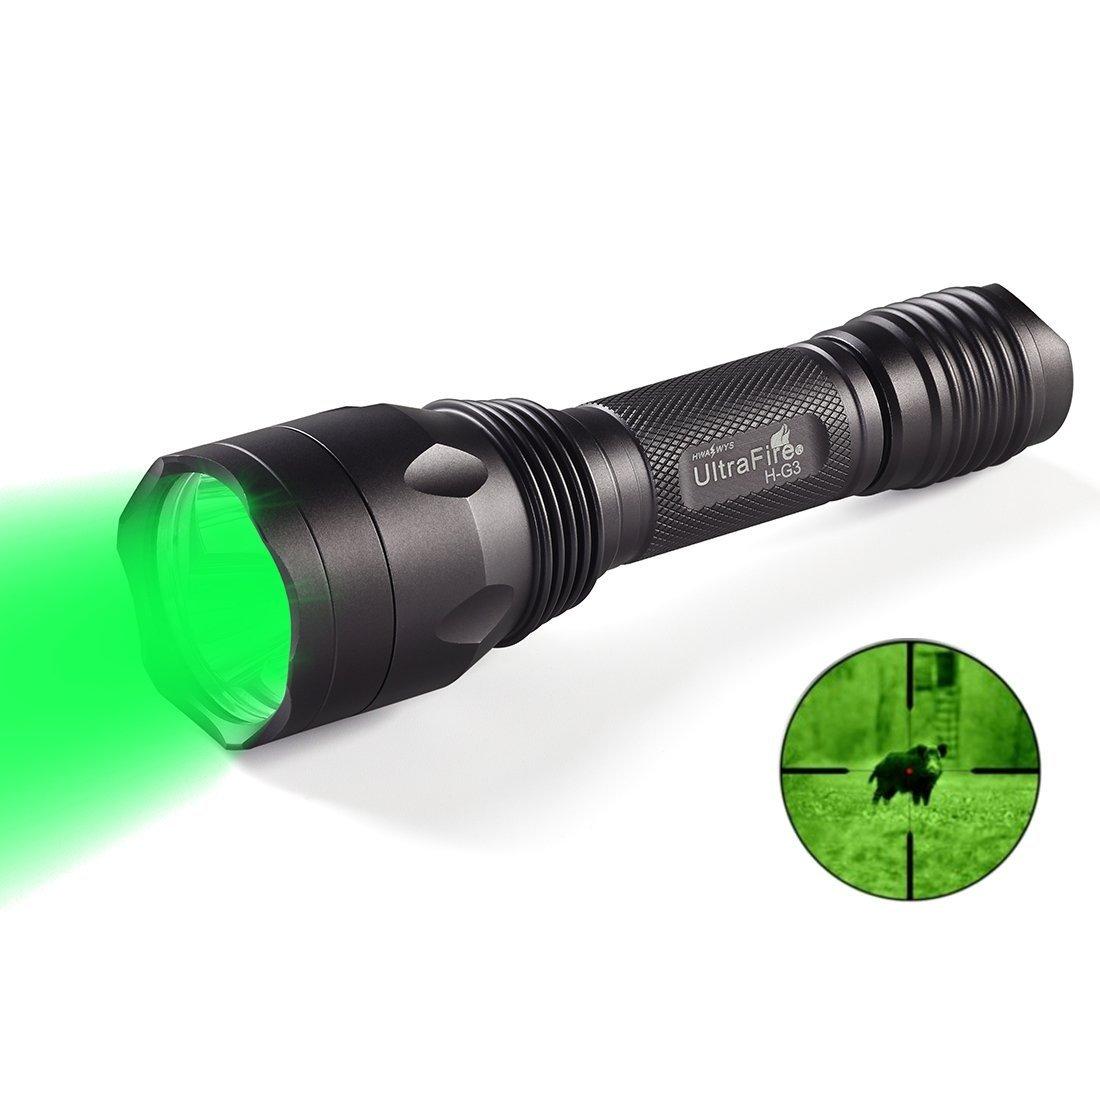 Lampe torche LED Green Light Lampe torche tactique H-g3 Franche, 650 lm. La chasse, Torch, 520– 535 nm Longueur d'onde, professionnel Vert LED puissante lampe de poche é tanche lampe de poche 650lm. La chasse Anekim